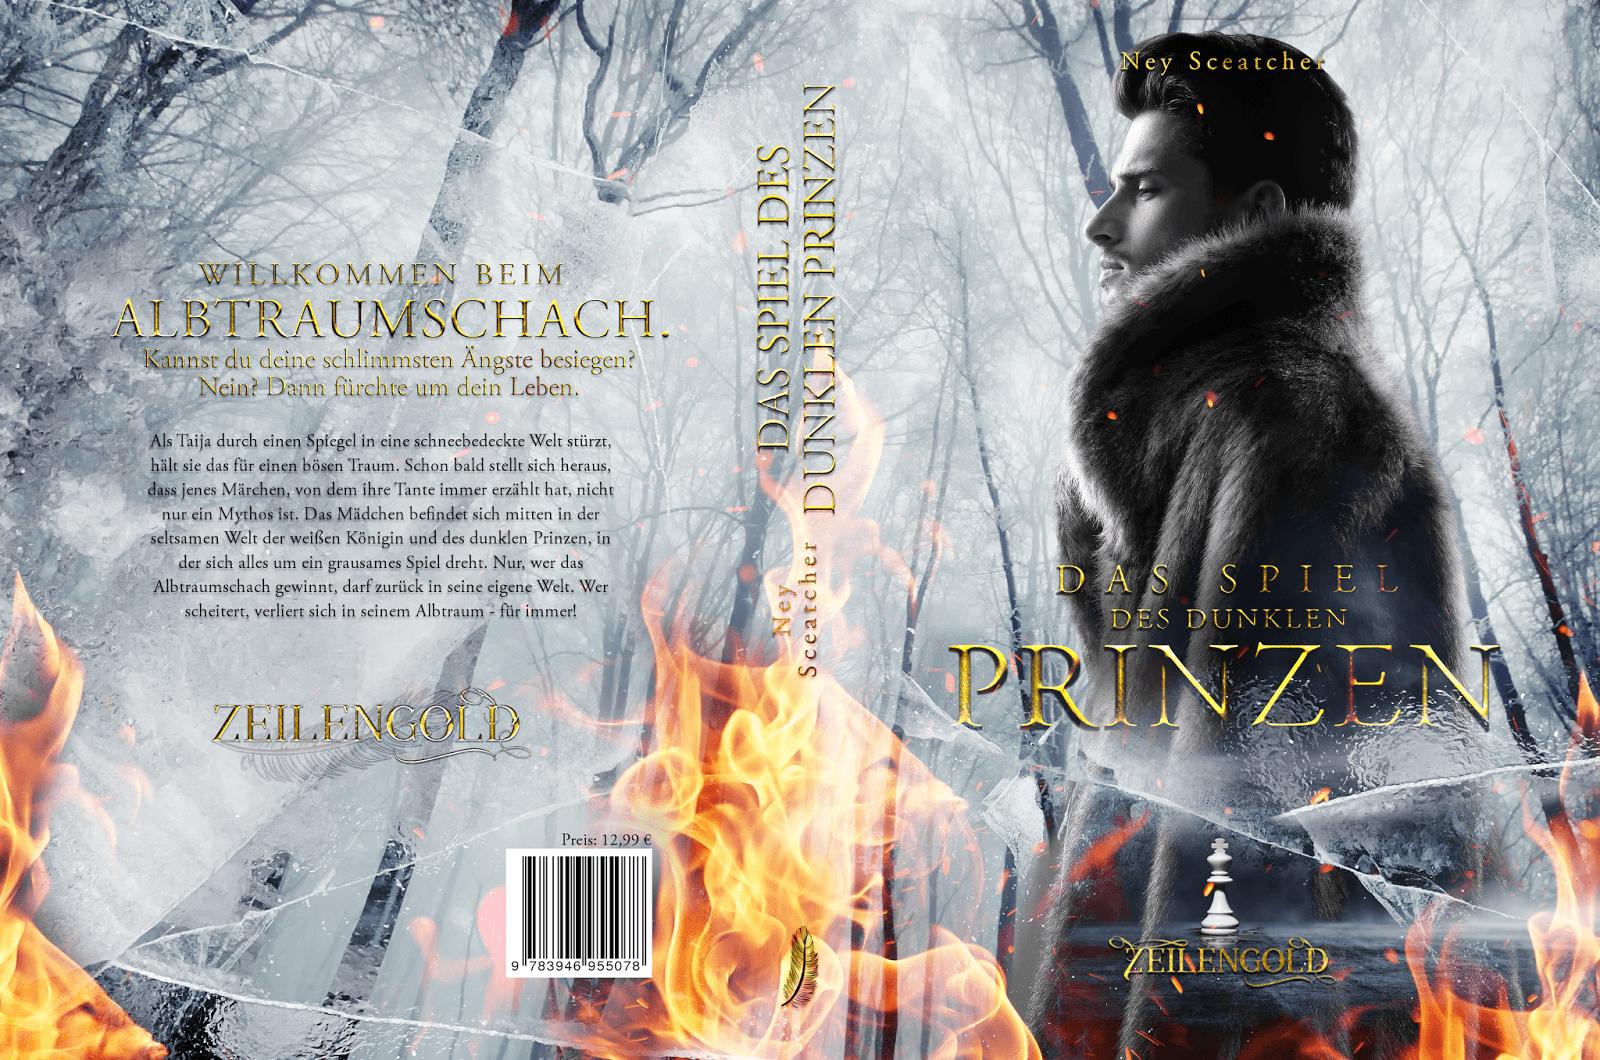 Ney Screatcher - Das Spiel des dunklen Prinzen